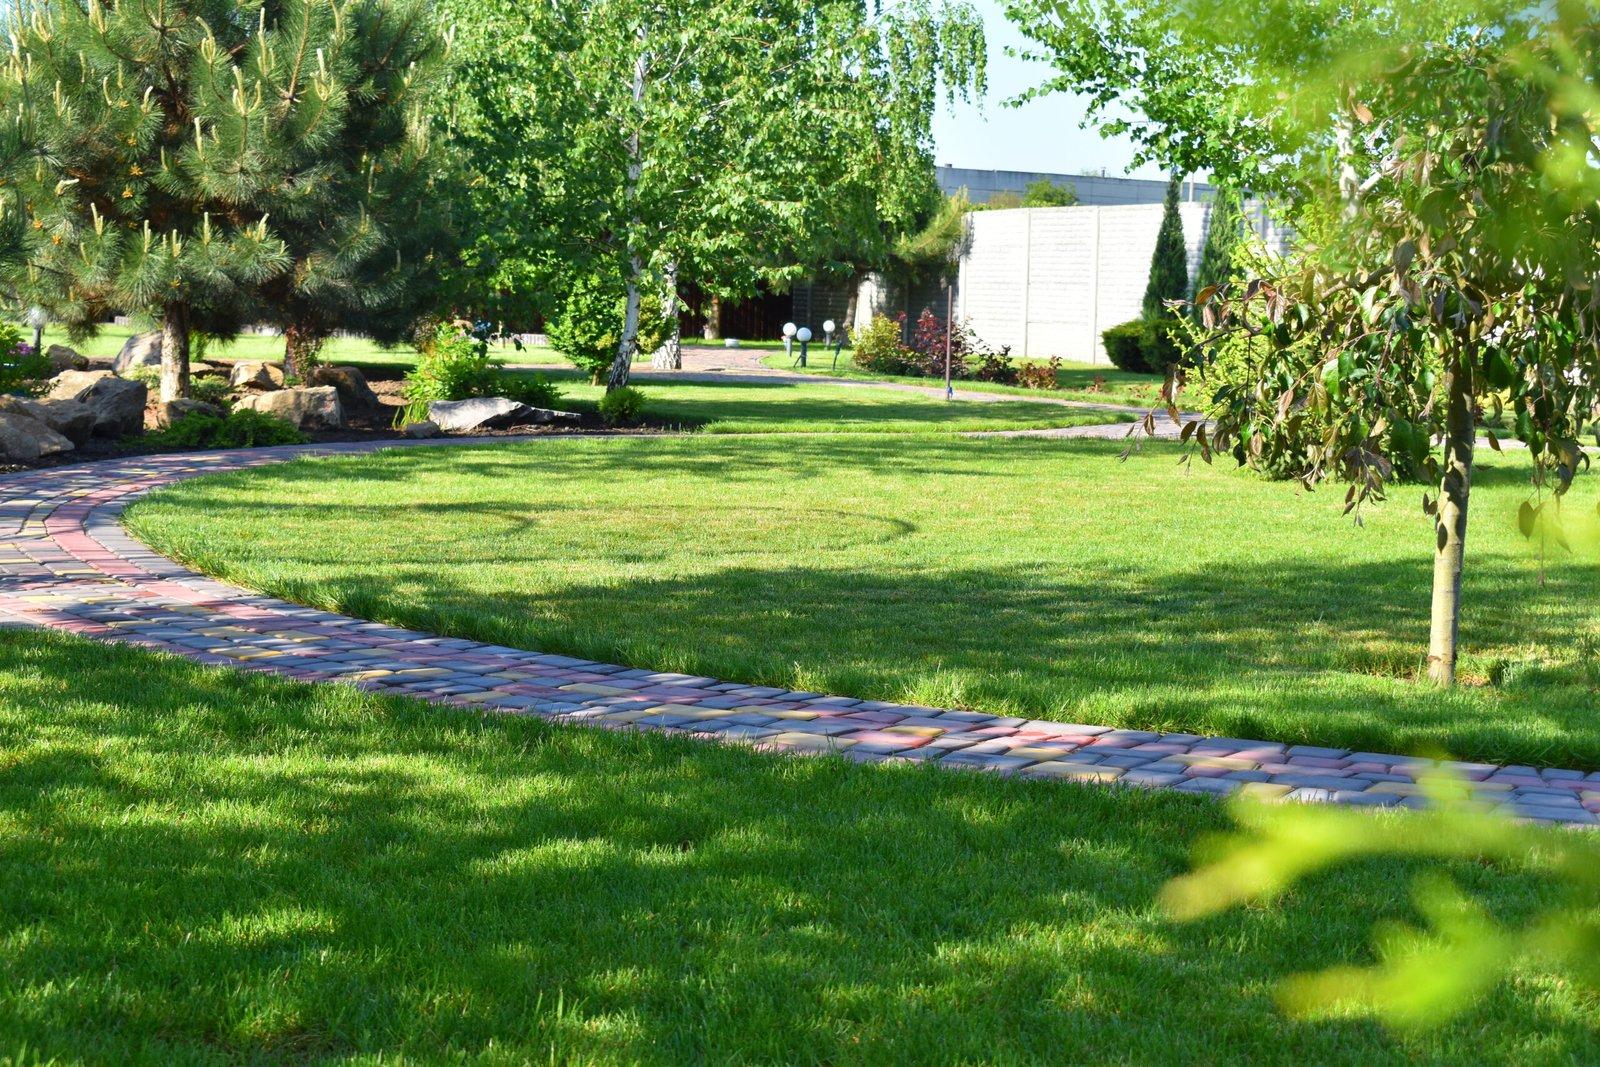 выполнение укладки газона, выращивание газона, газон на огромной площади